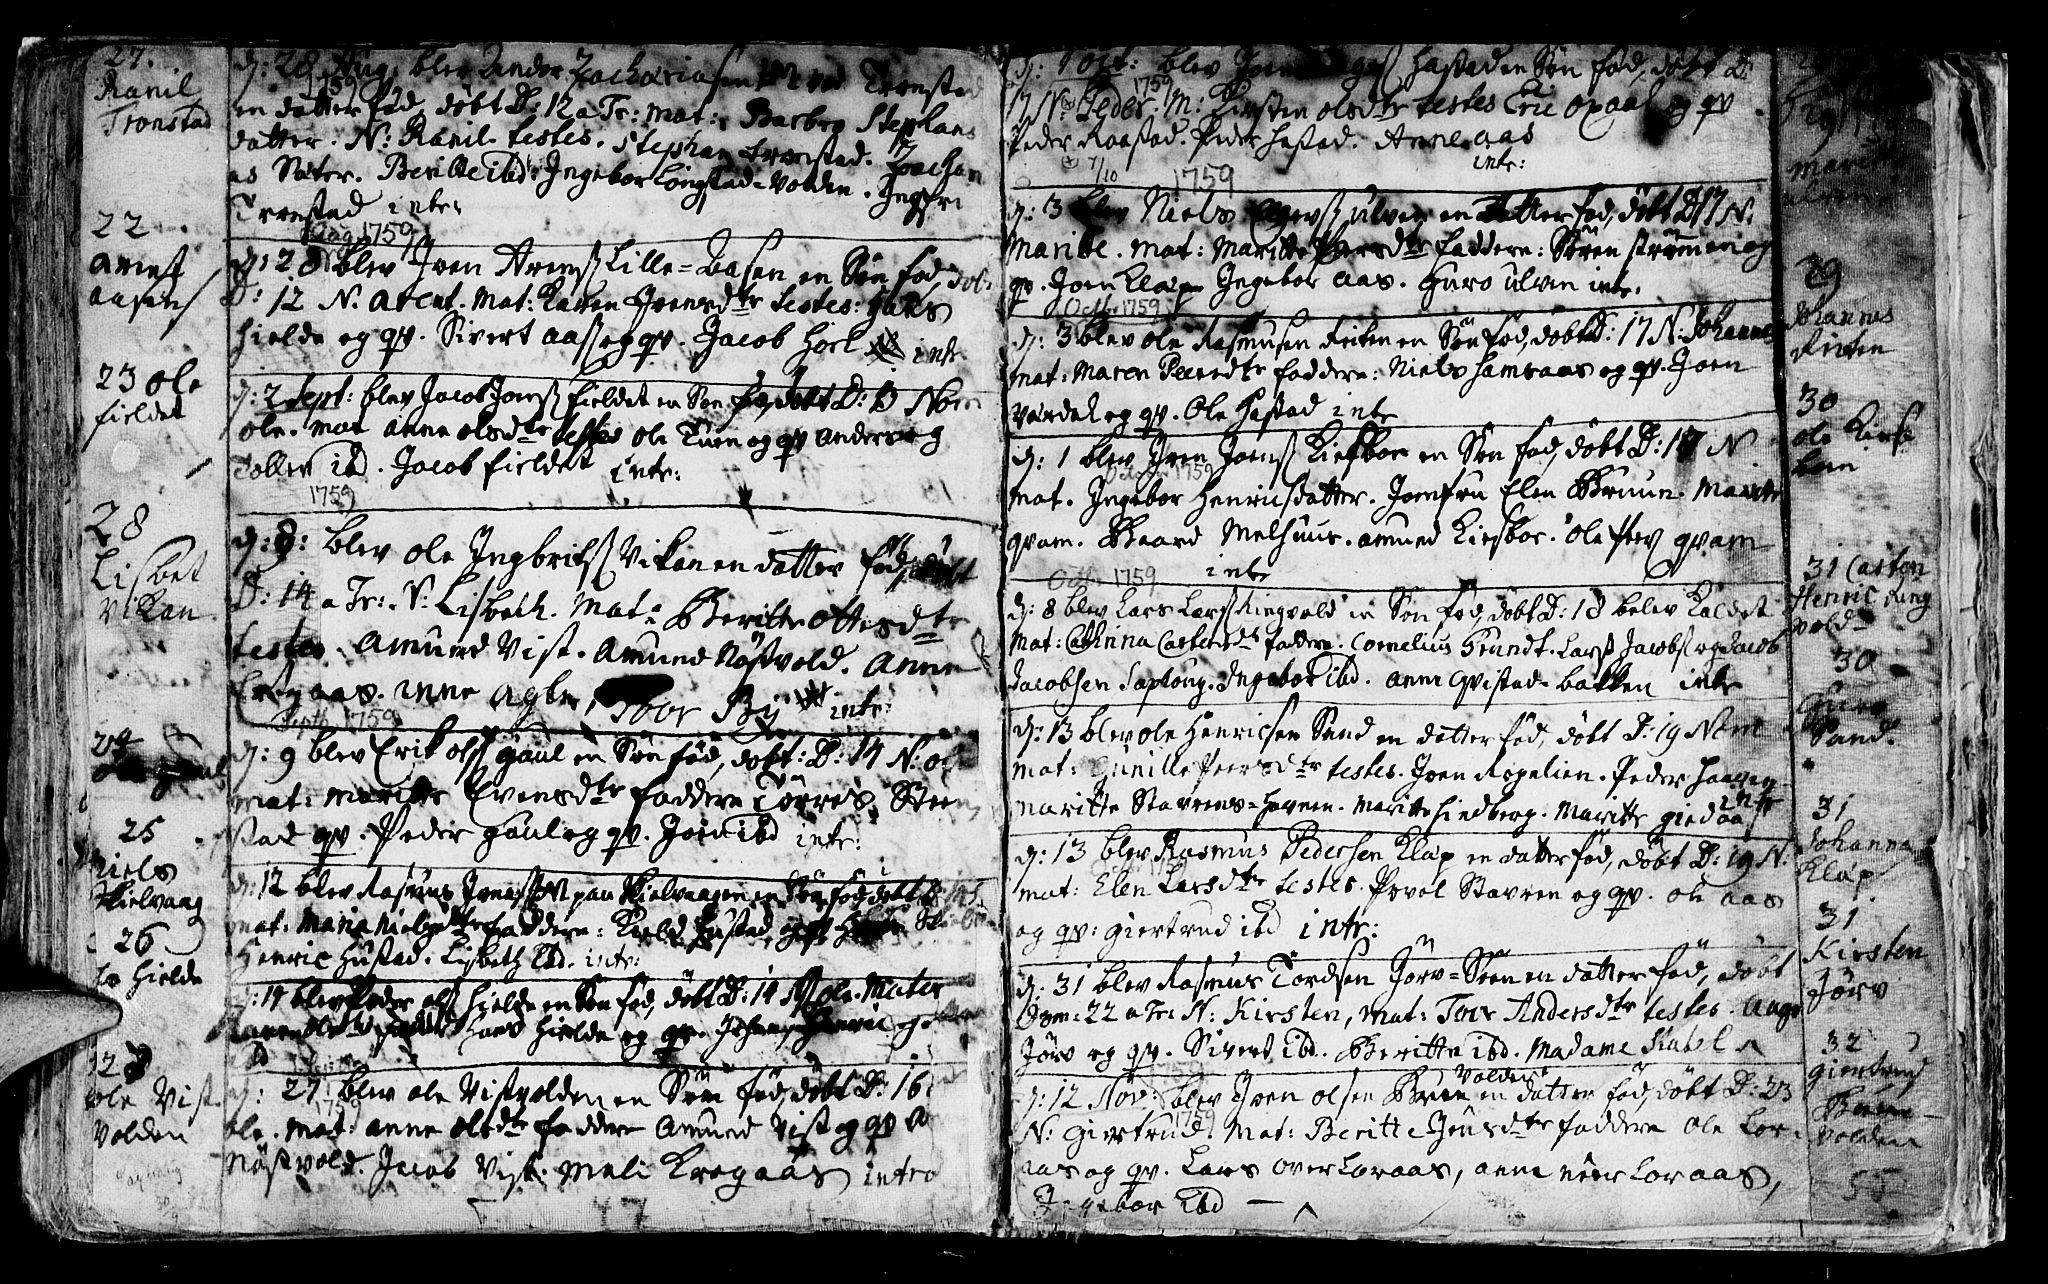 SAT, Ministerialprotokoller, klokkerbøker og fødselsregistre - Nord-Trøndelag, 730/L0272: Ministerialbok nr. 730A01, 1733-1764, s. 139